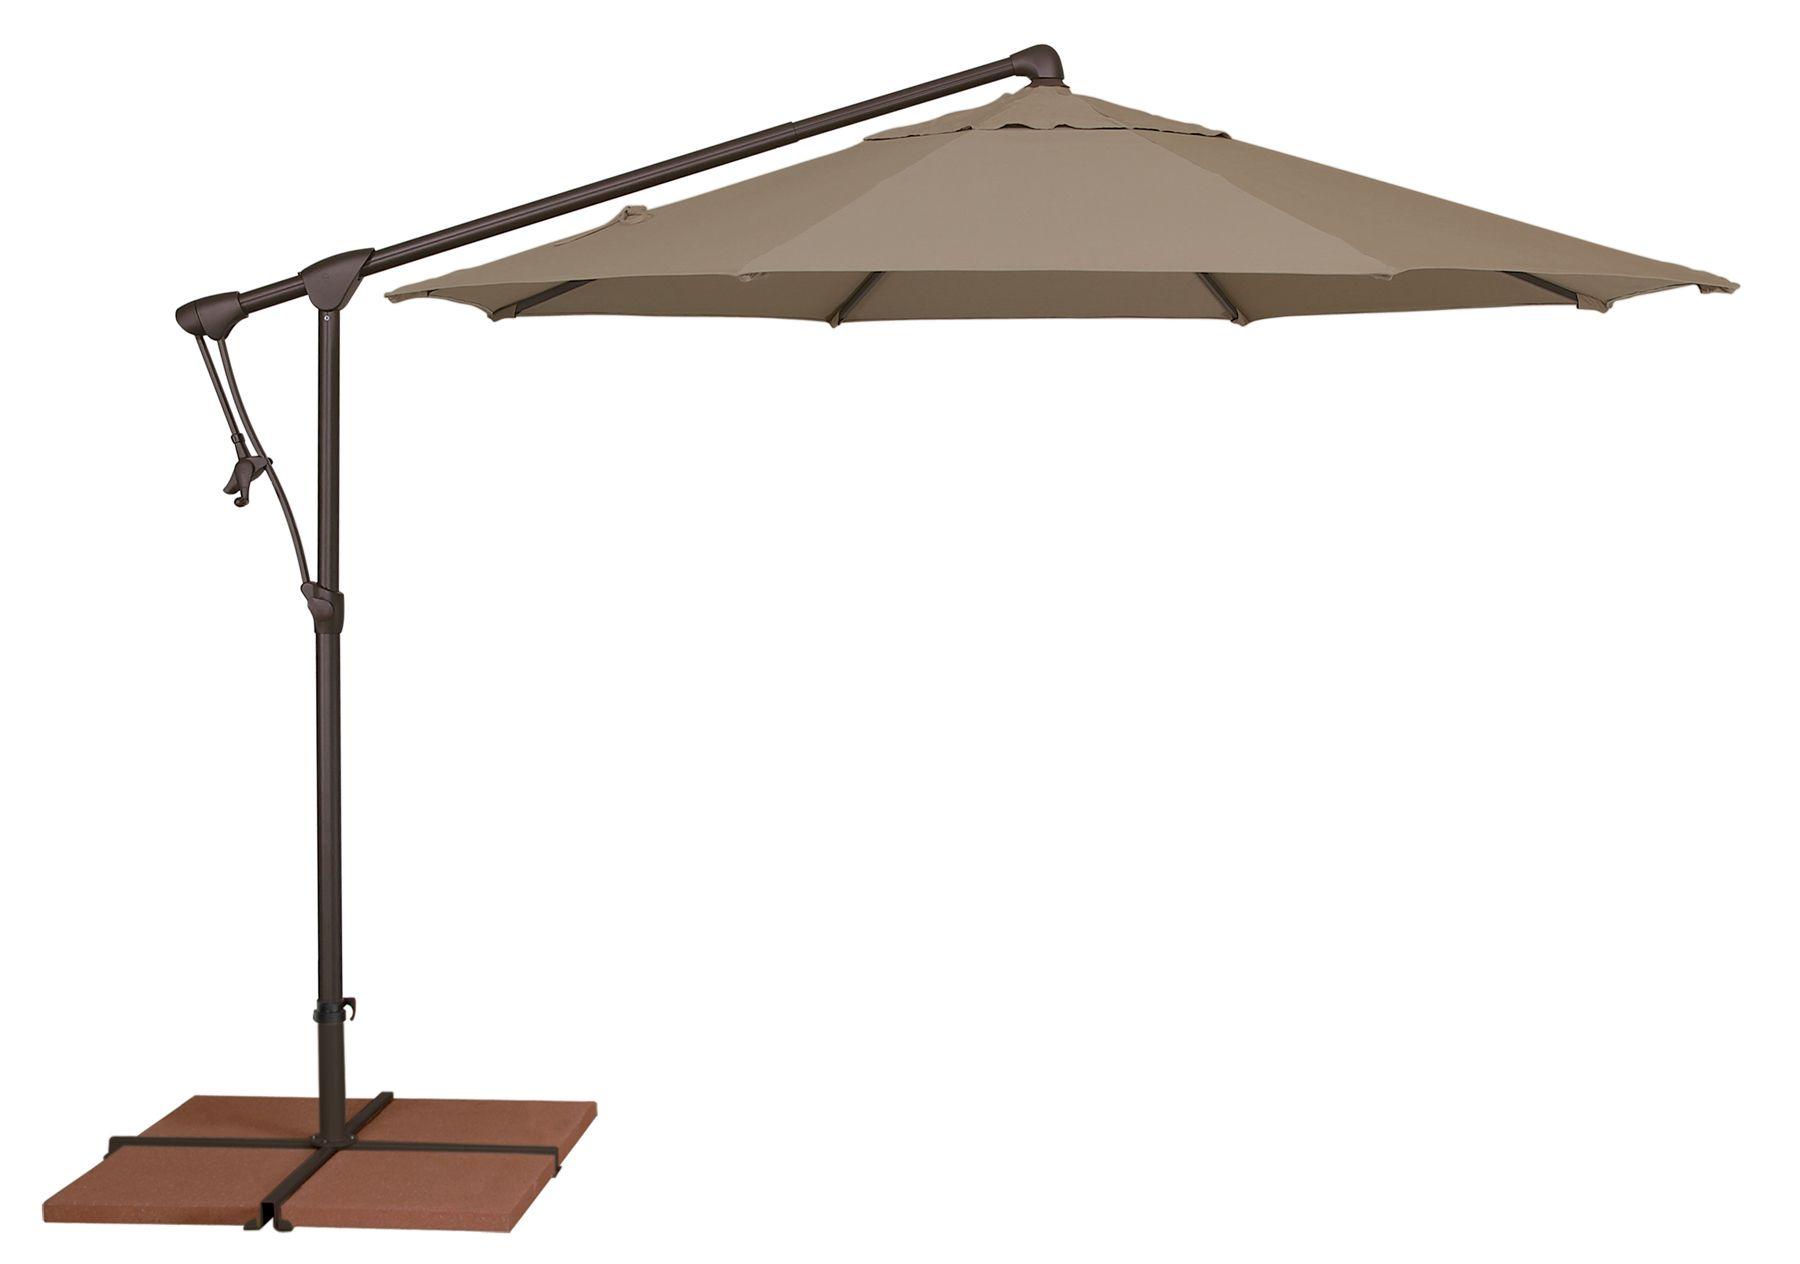 AG19 Cantilever Umbrella by Treasure Garden